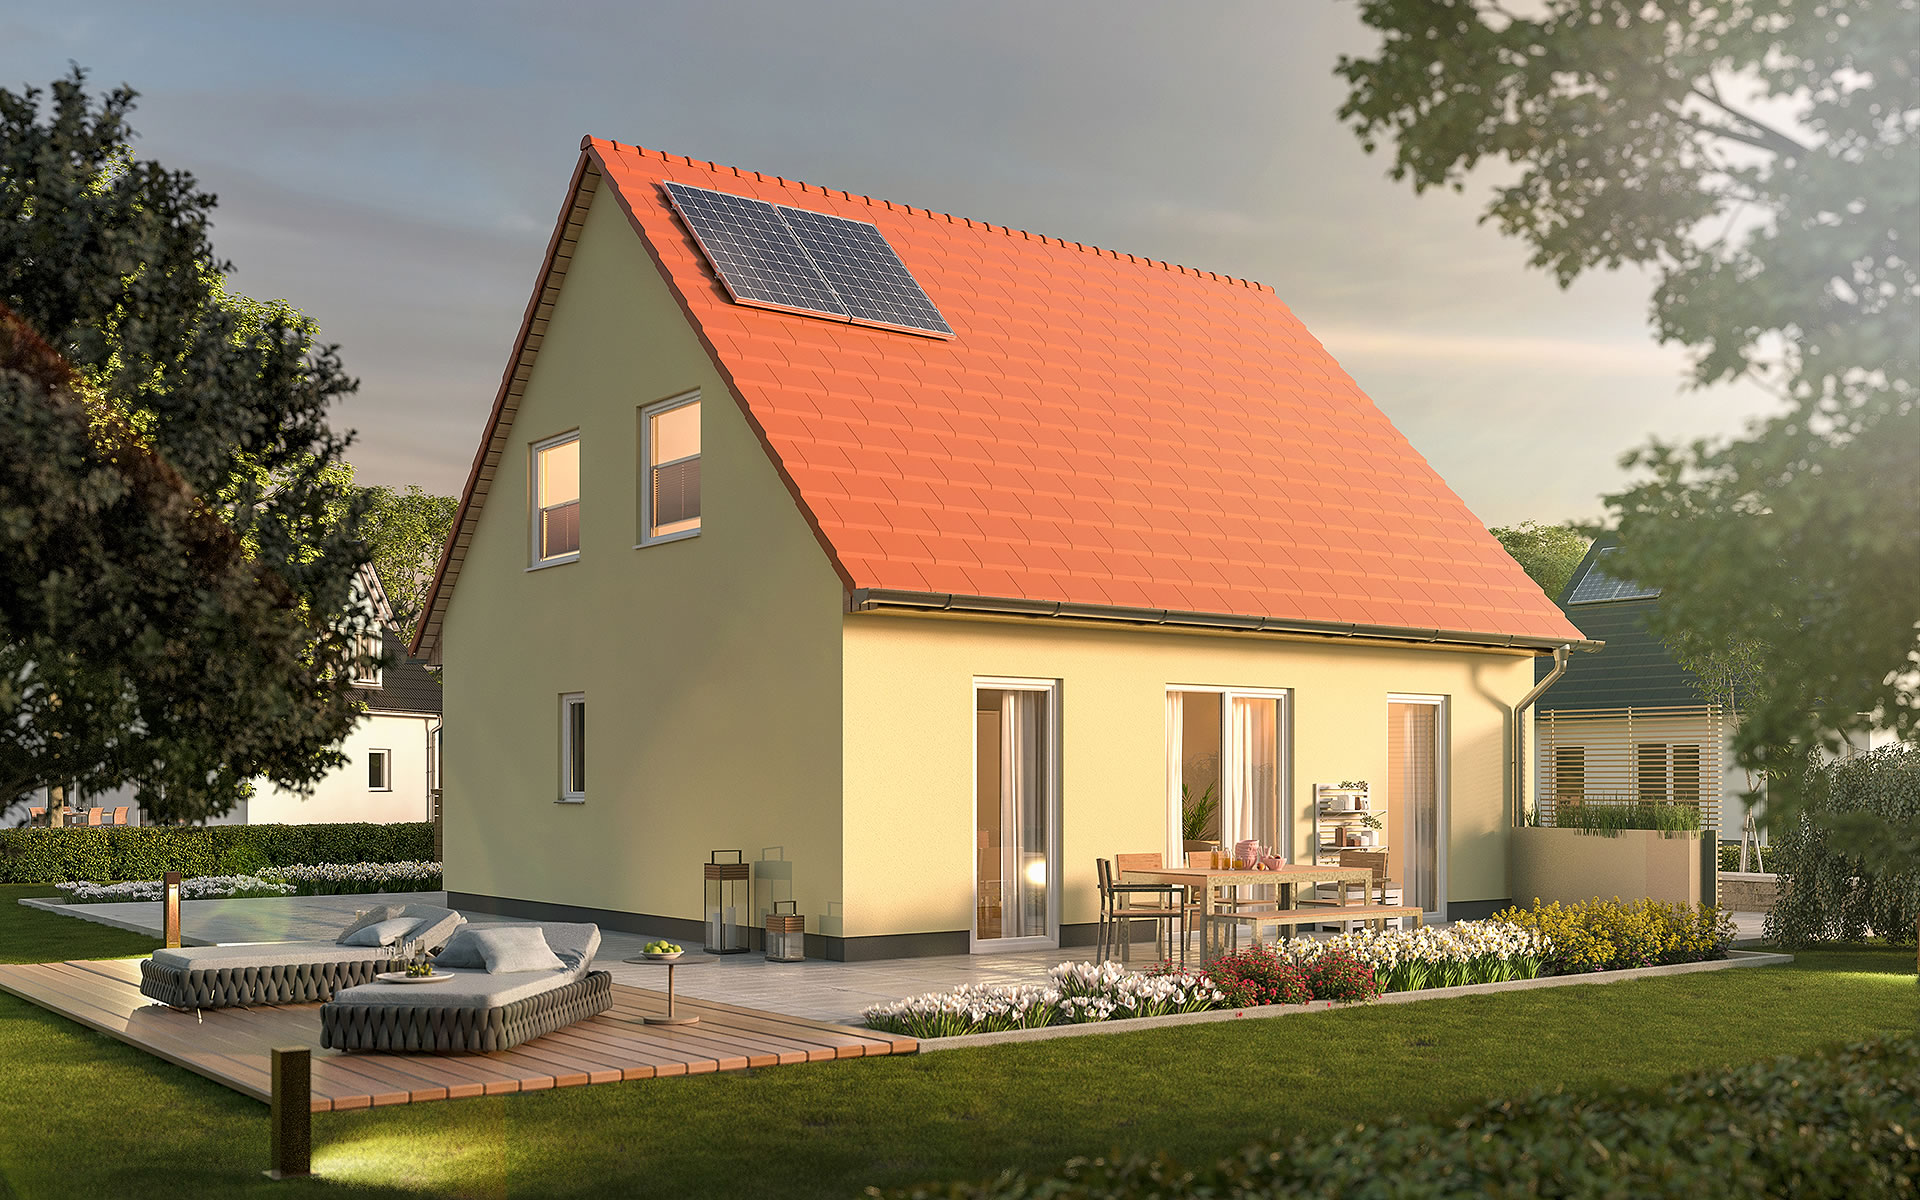 Flair 110 von Town & Country Haus Lizenzgeber GmbH